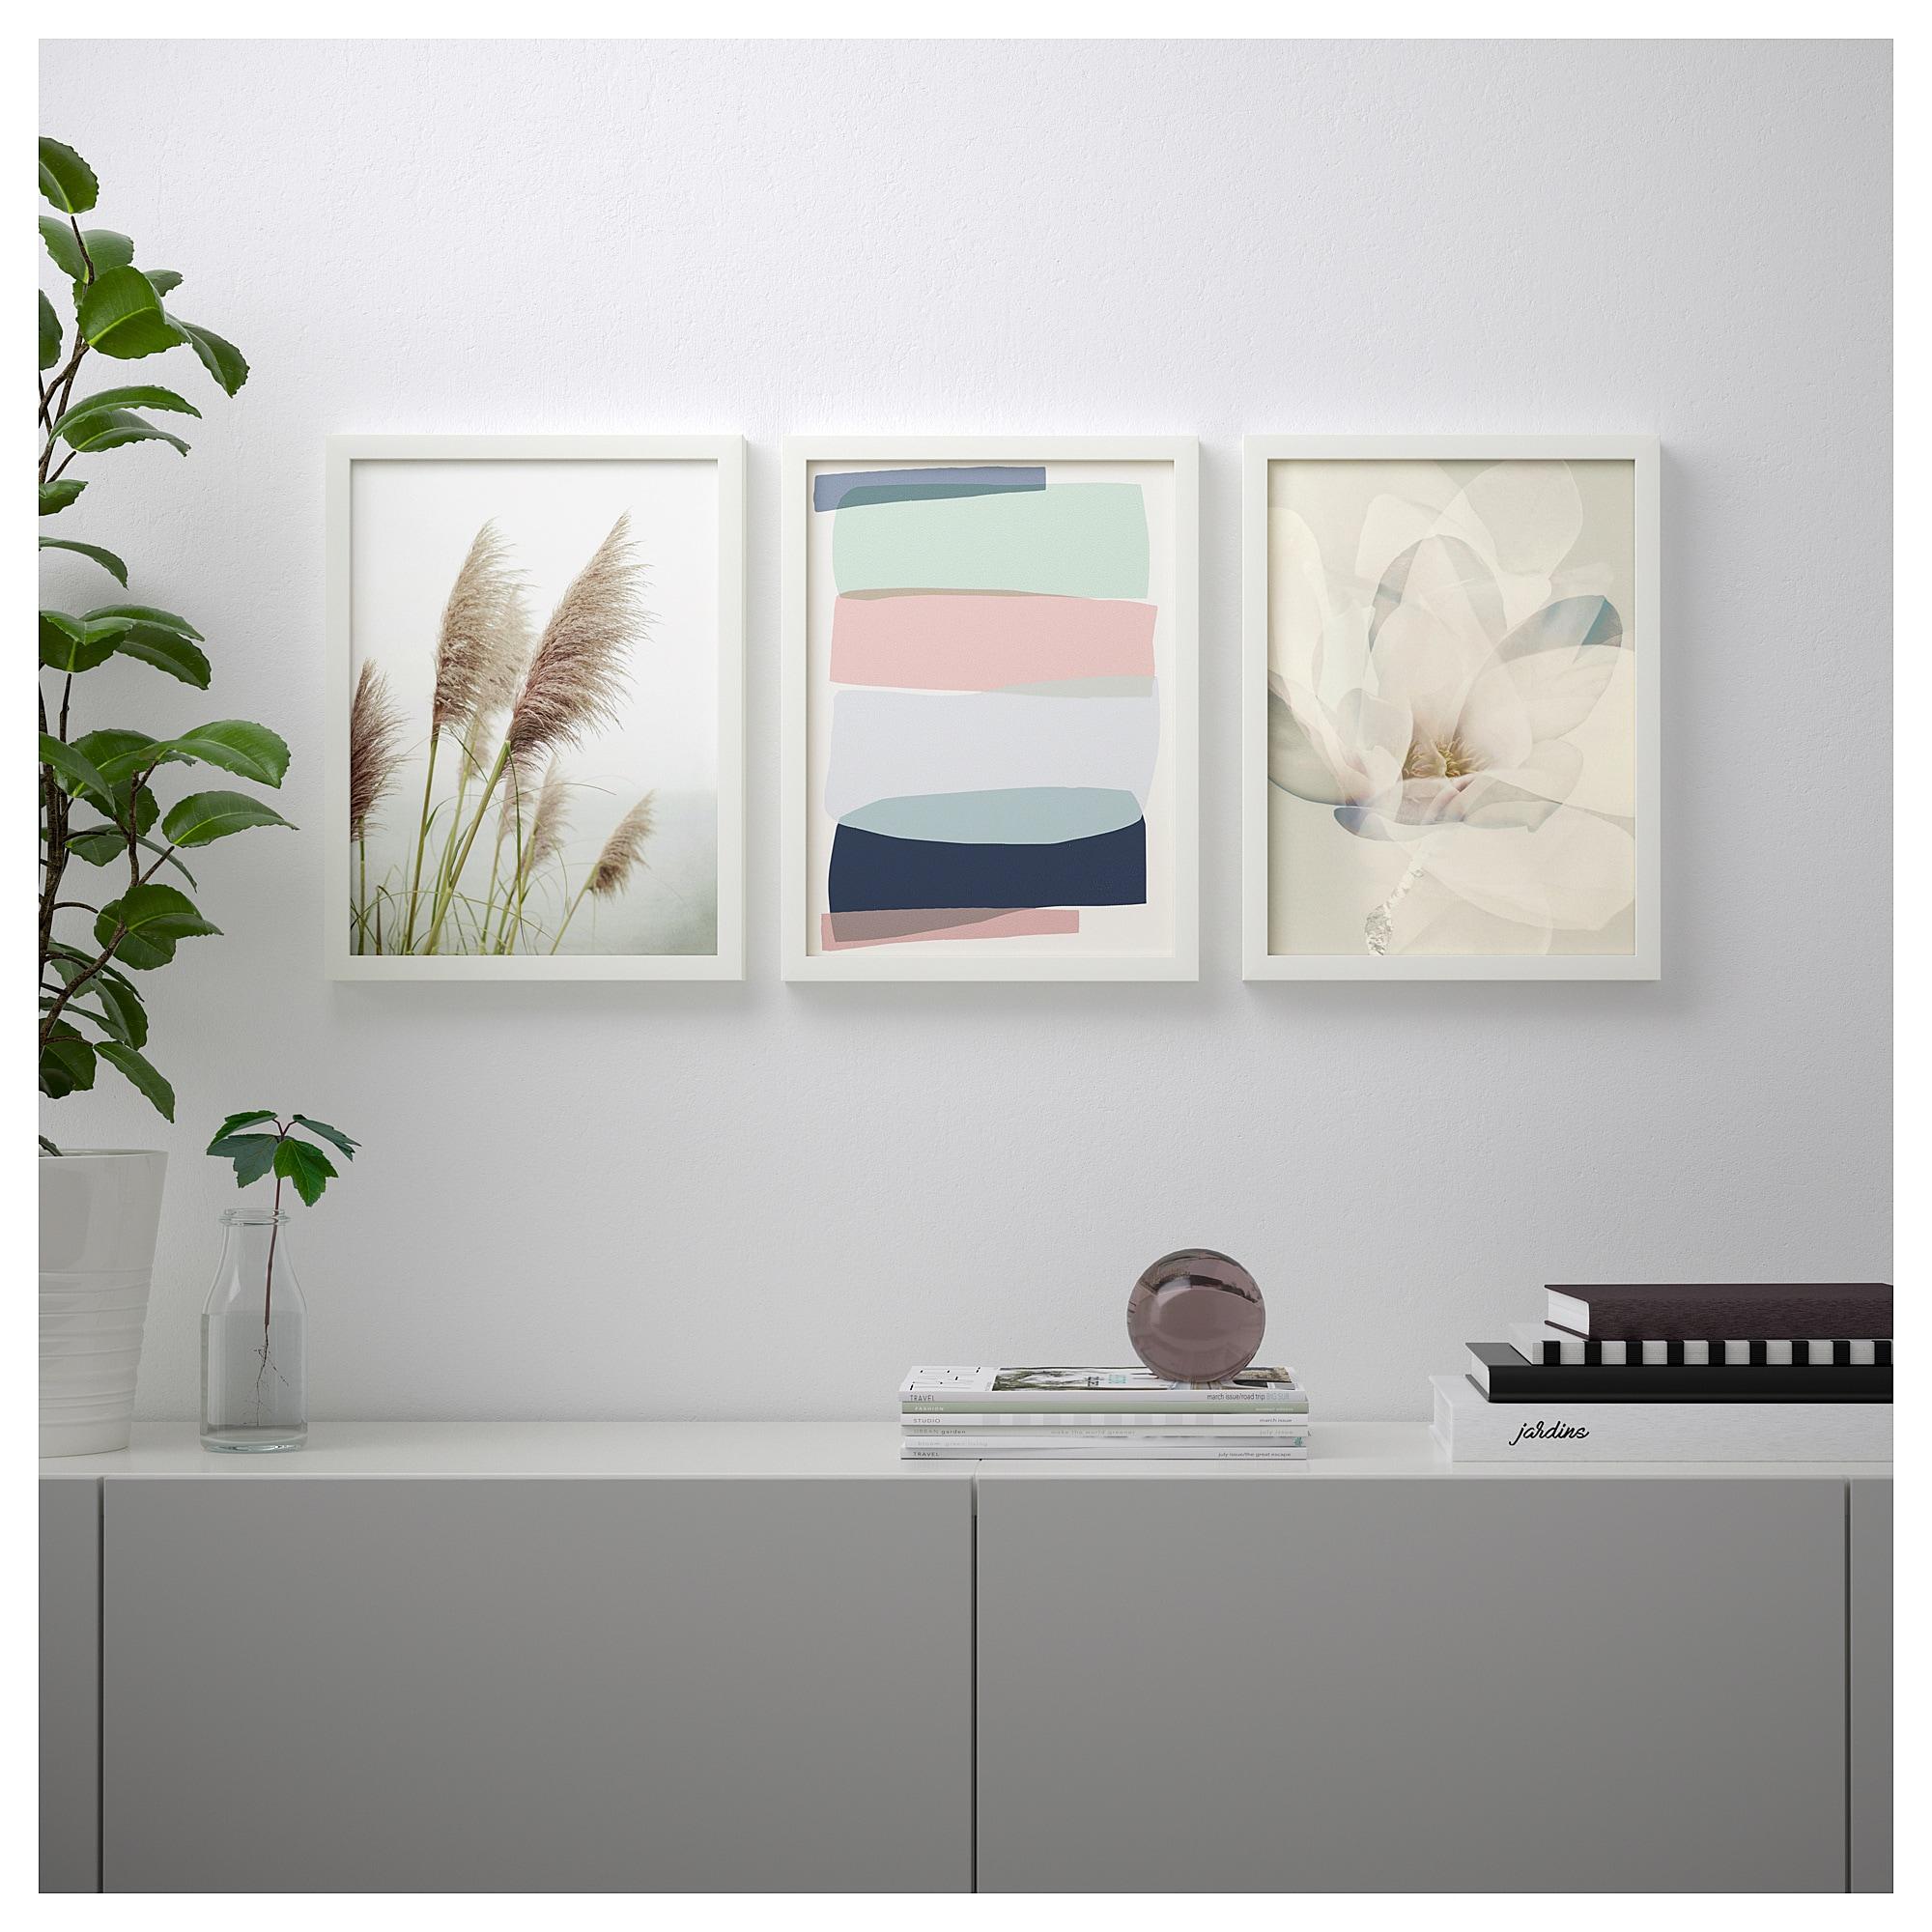 Икеа каталог картины постеры